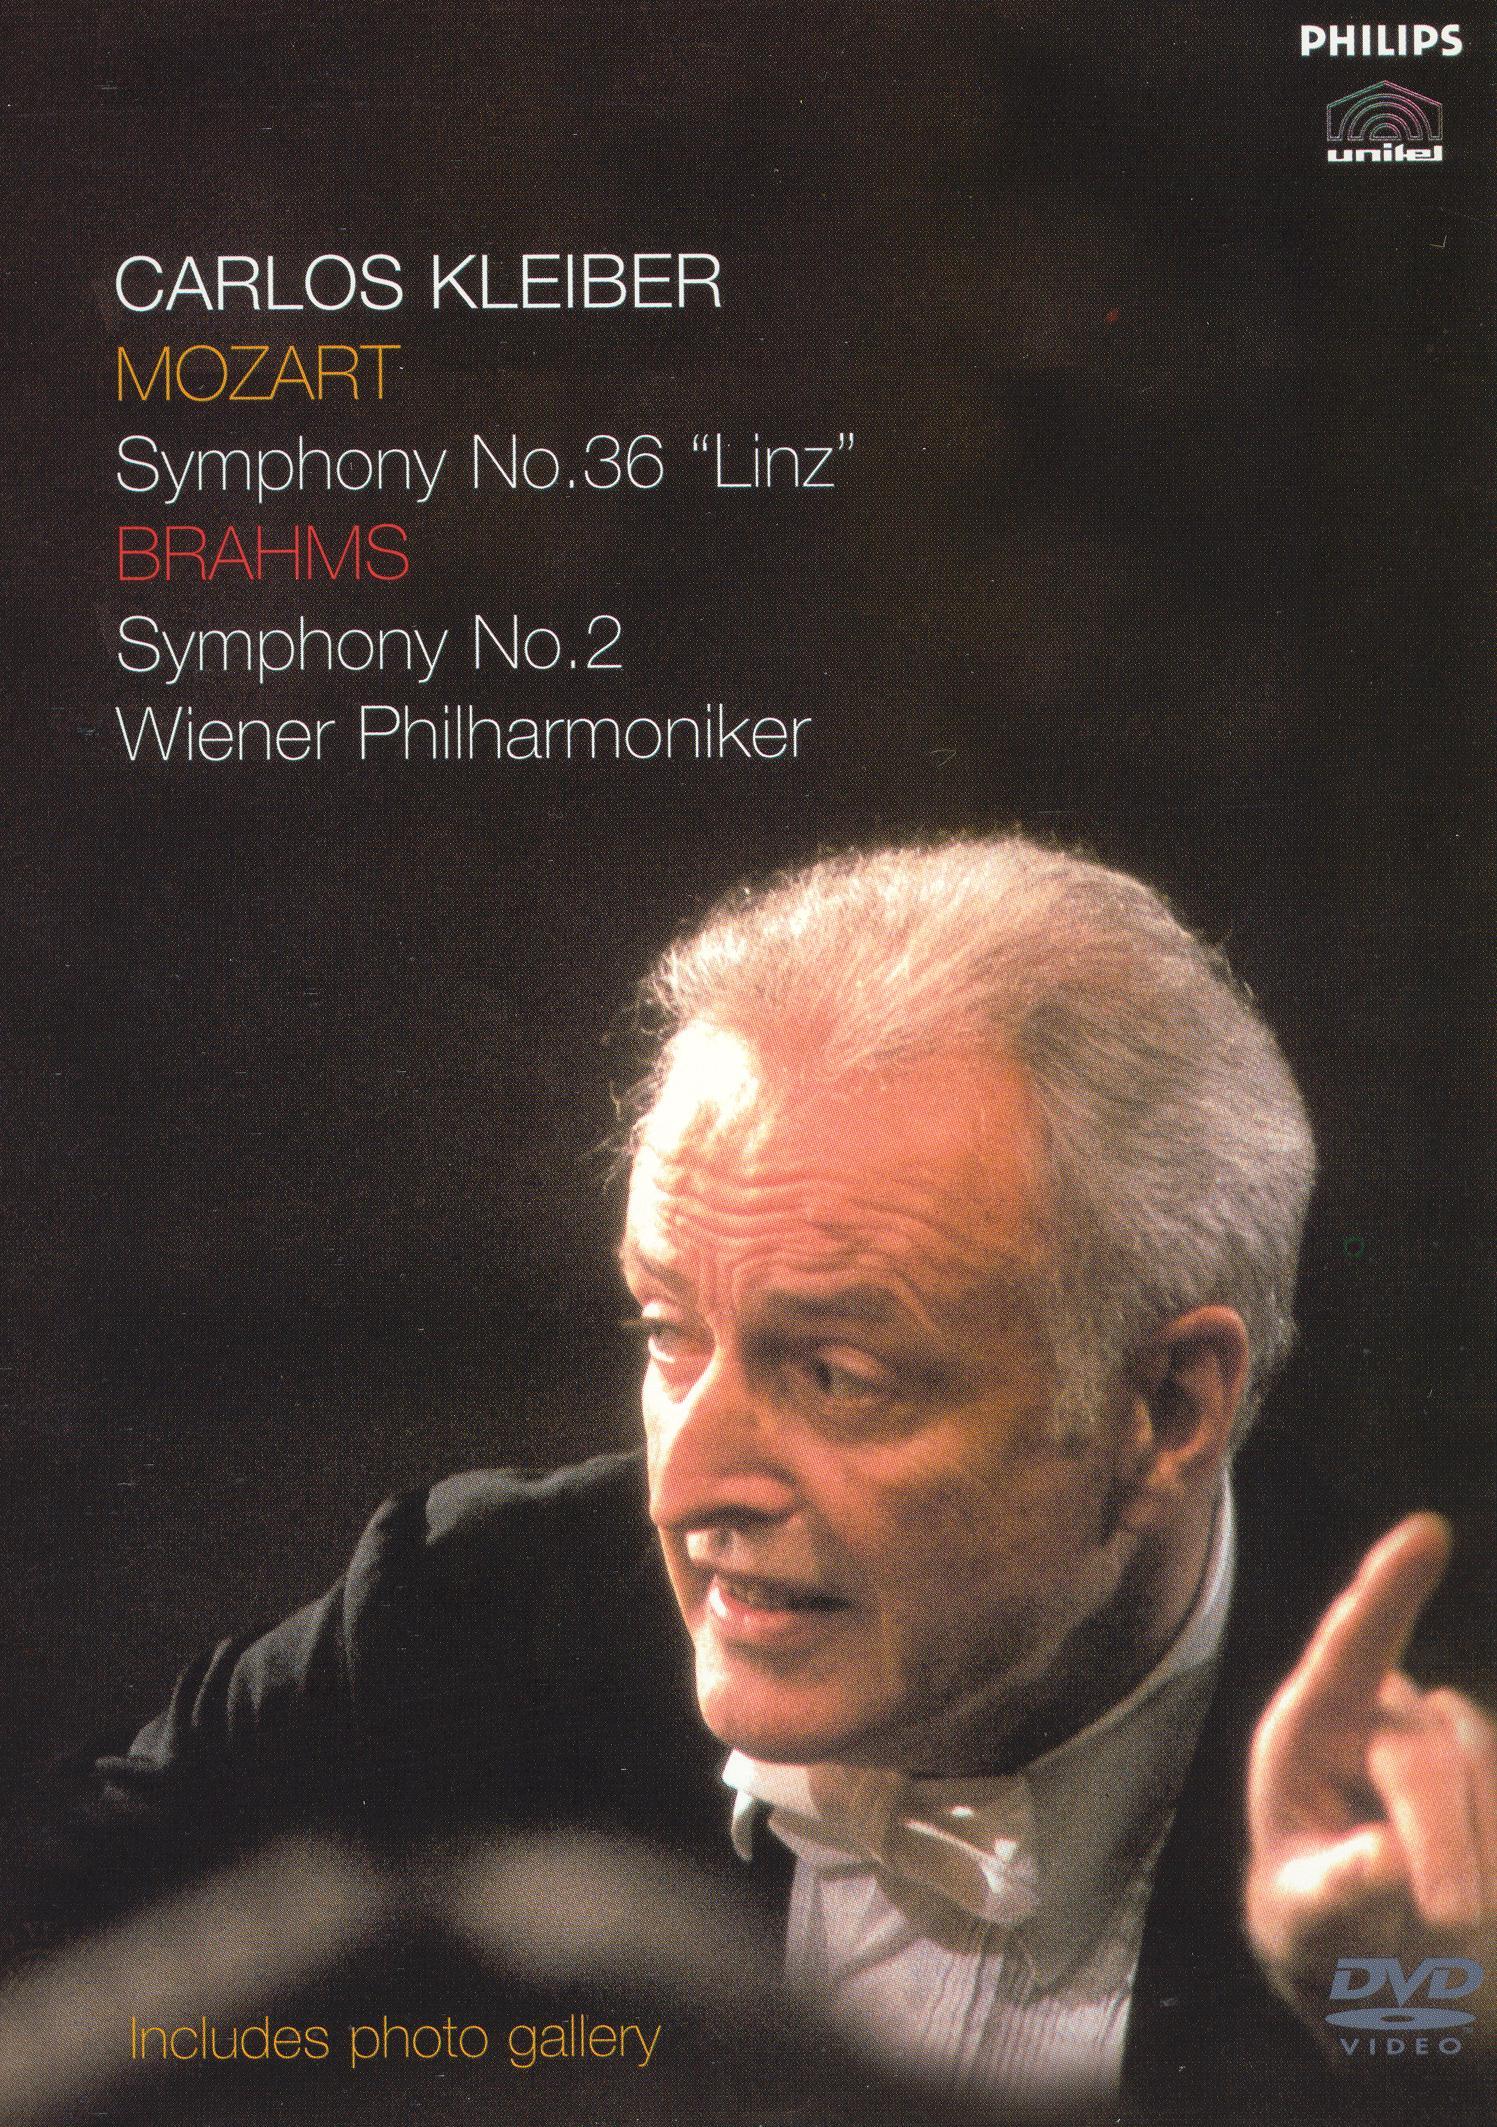 Carlos Kleiber: Mozart Symphony No. 36